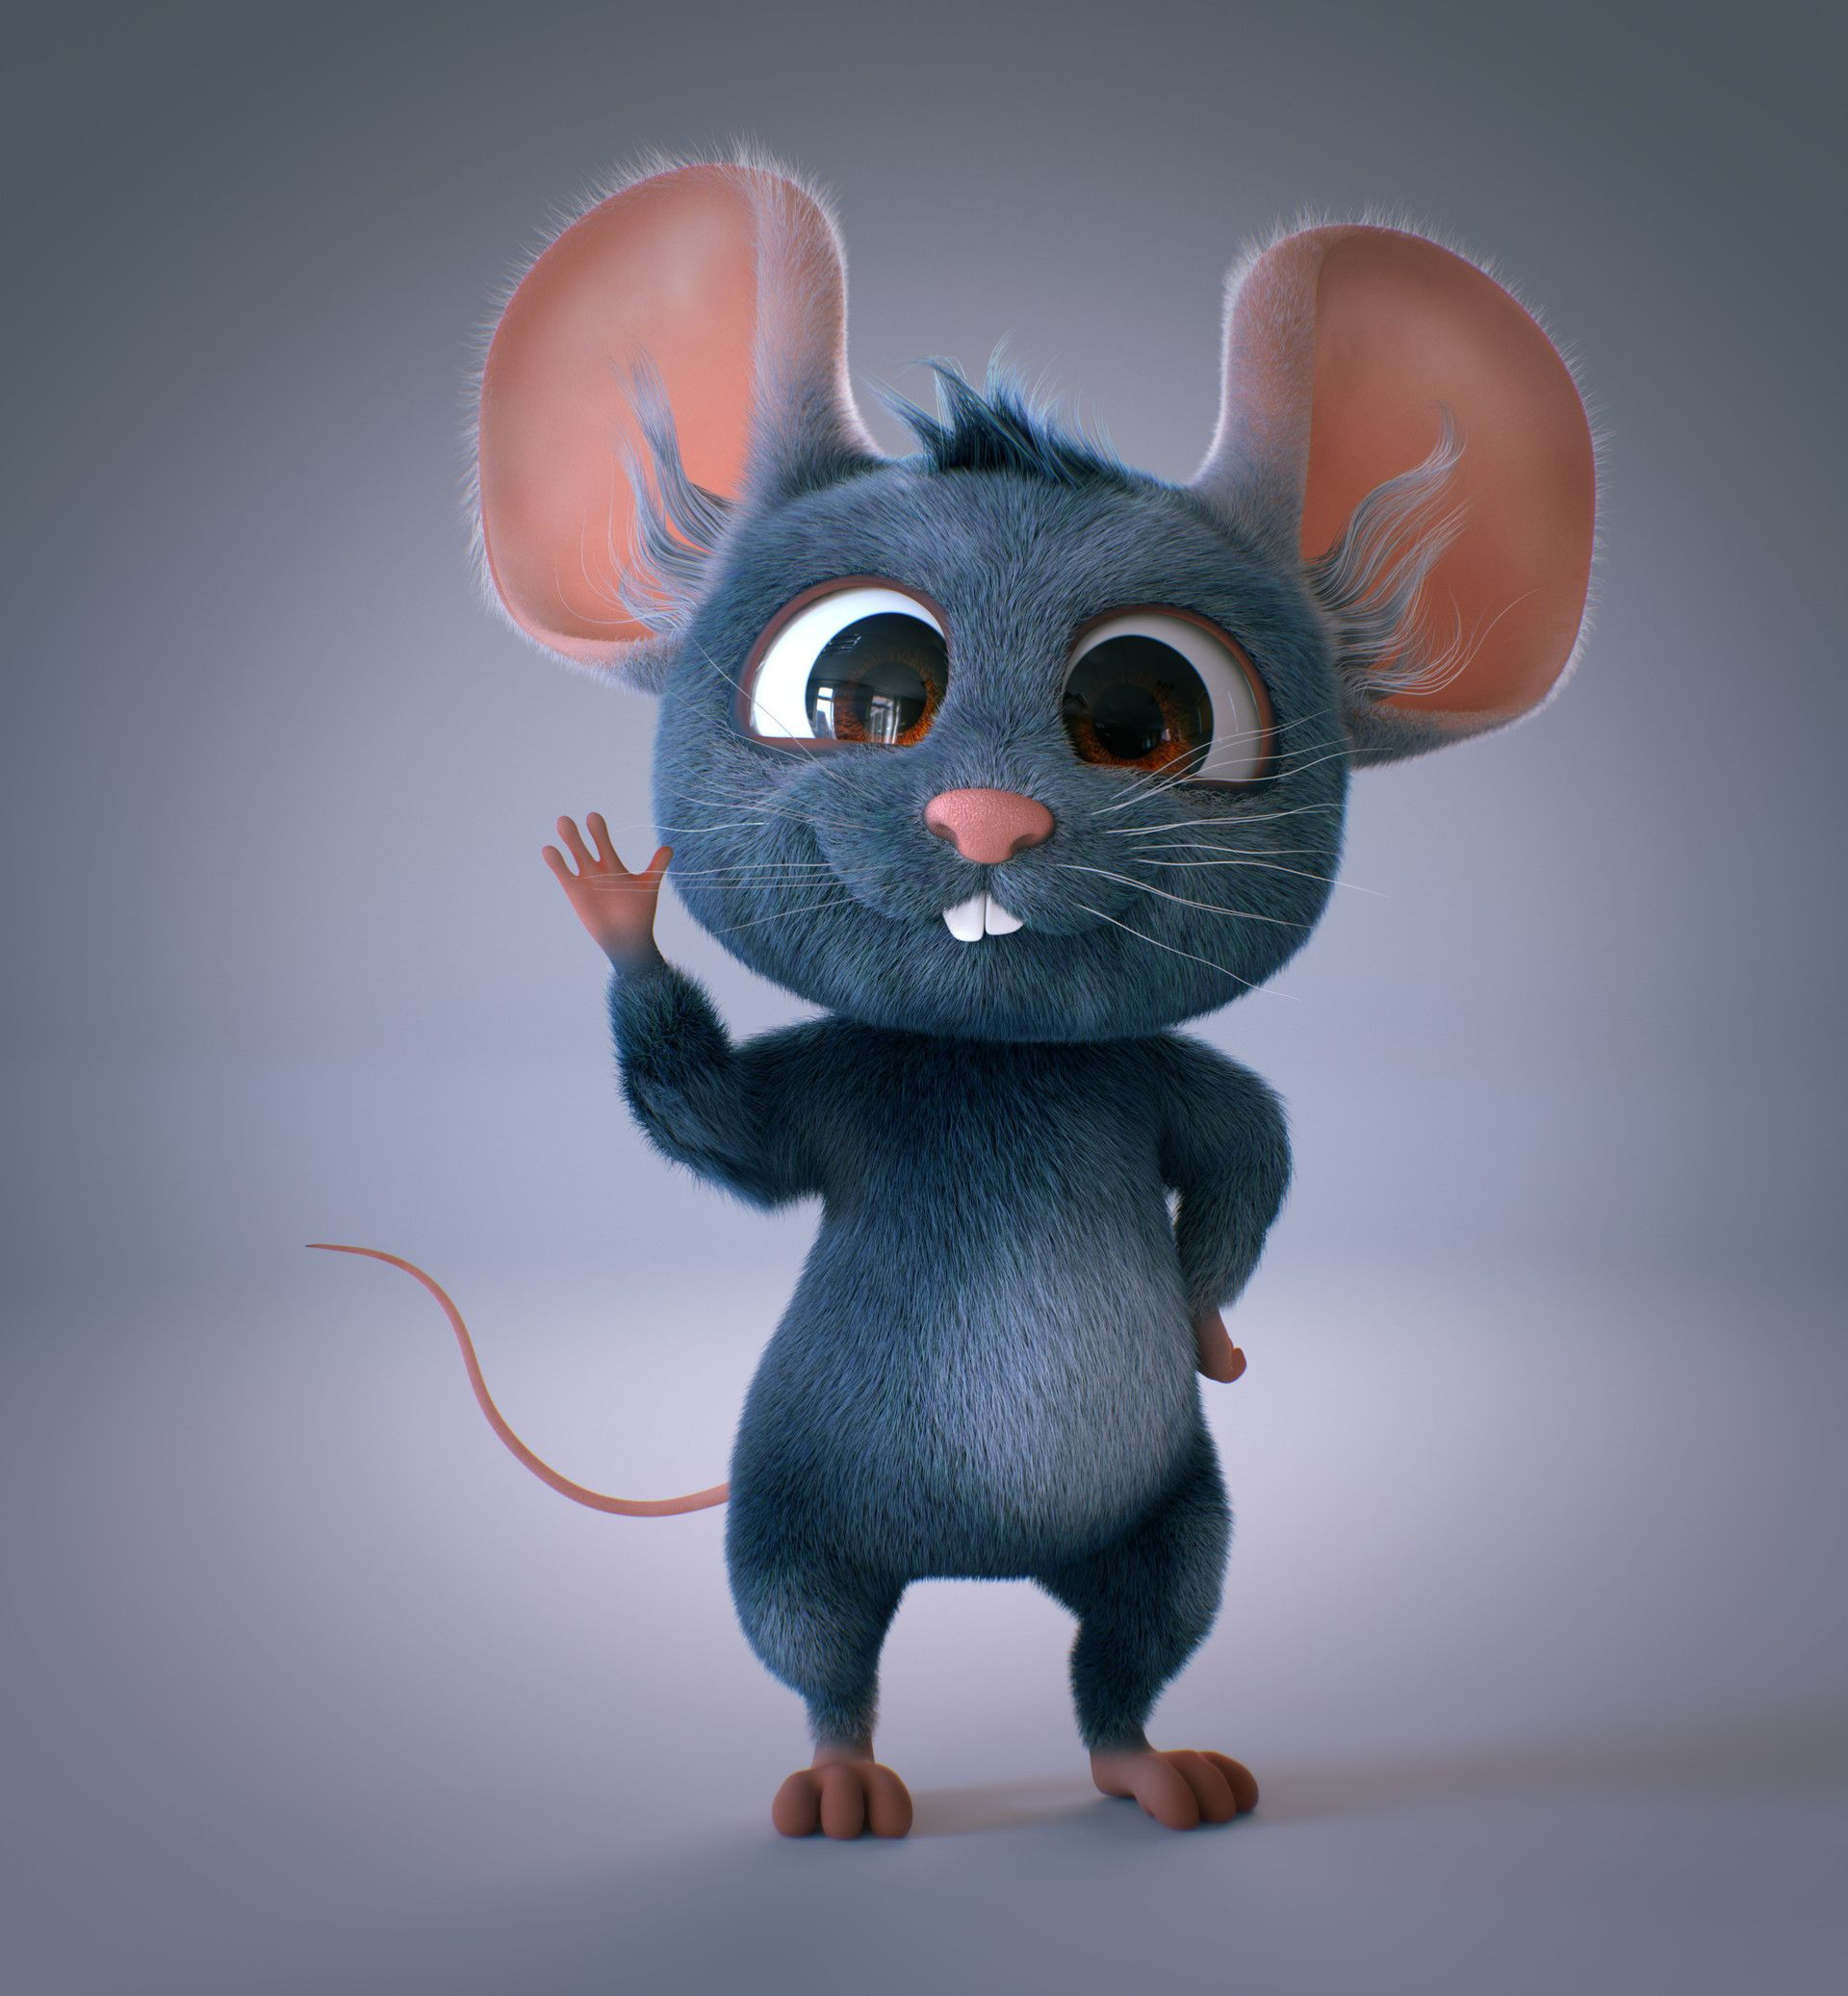 Дмб, картинка прикольных мышек